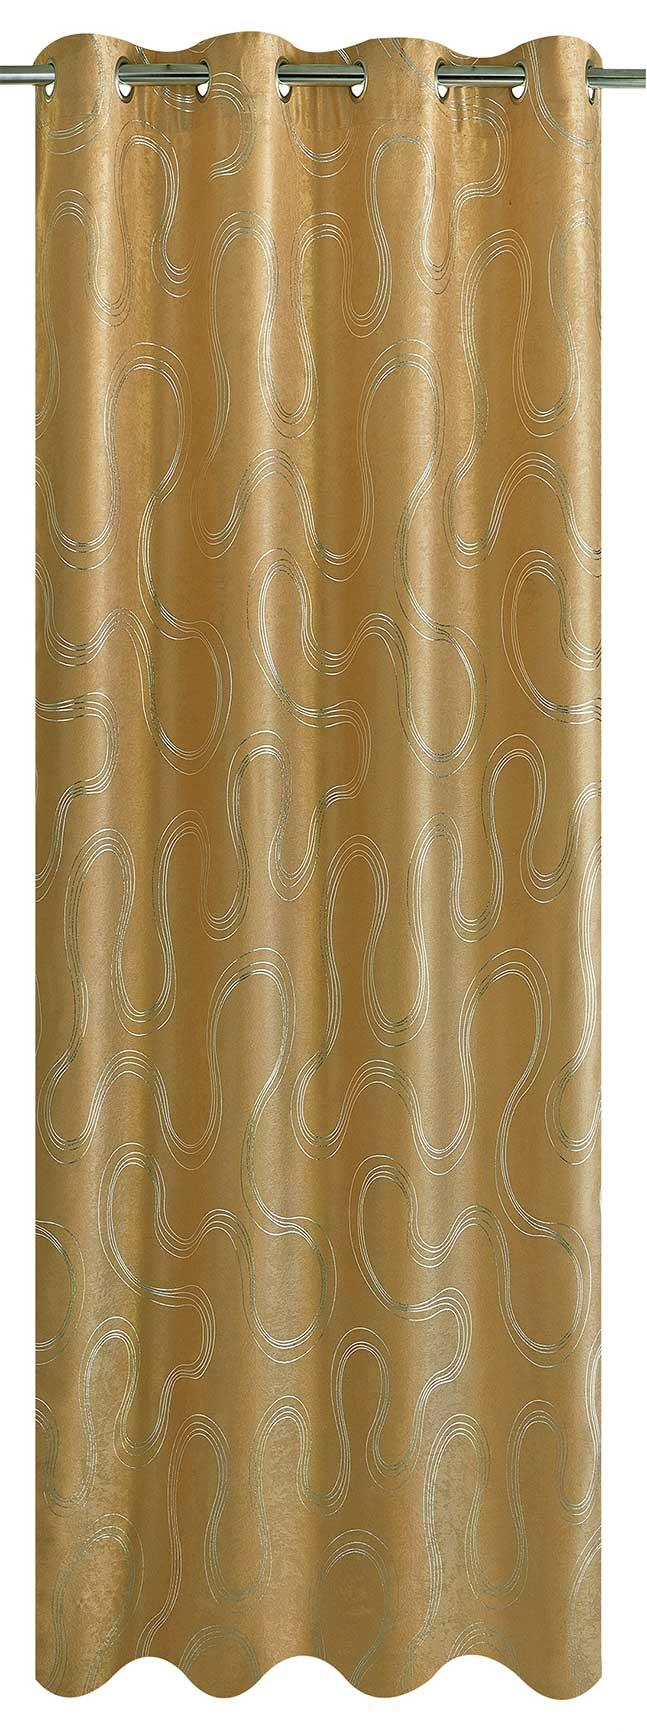 rideau obscurcissant fils argent beige bordeaux taupe gris ecru chocolat. Black Bedroom Furniture Sets. Home Design Ideas